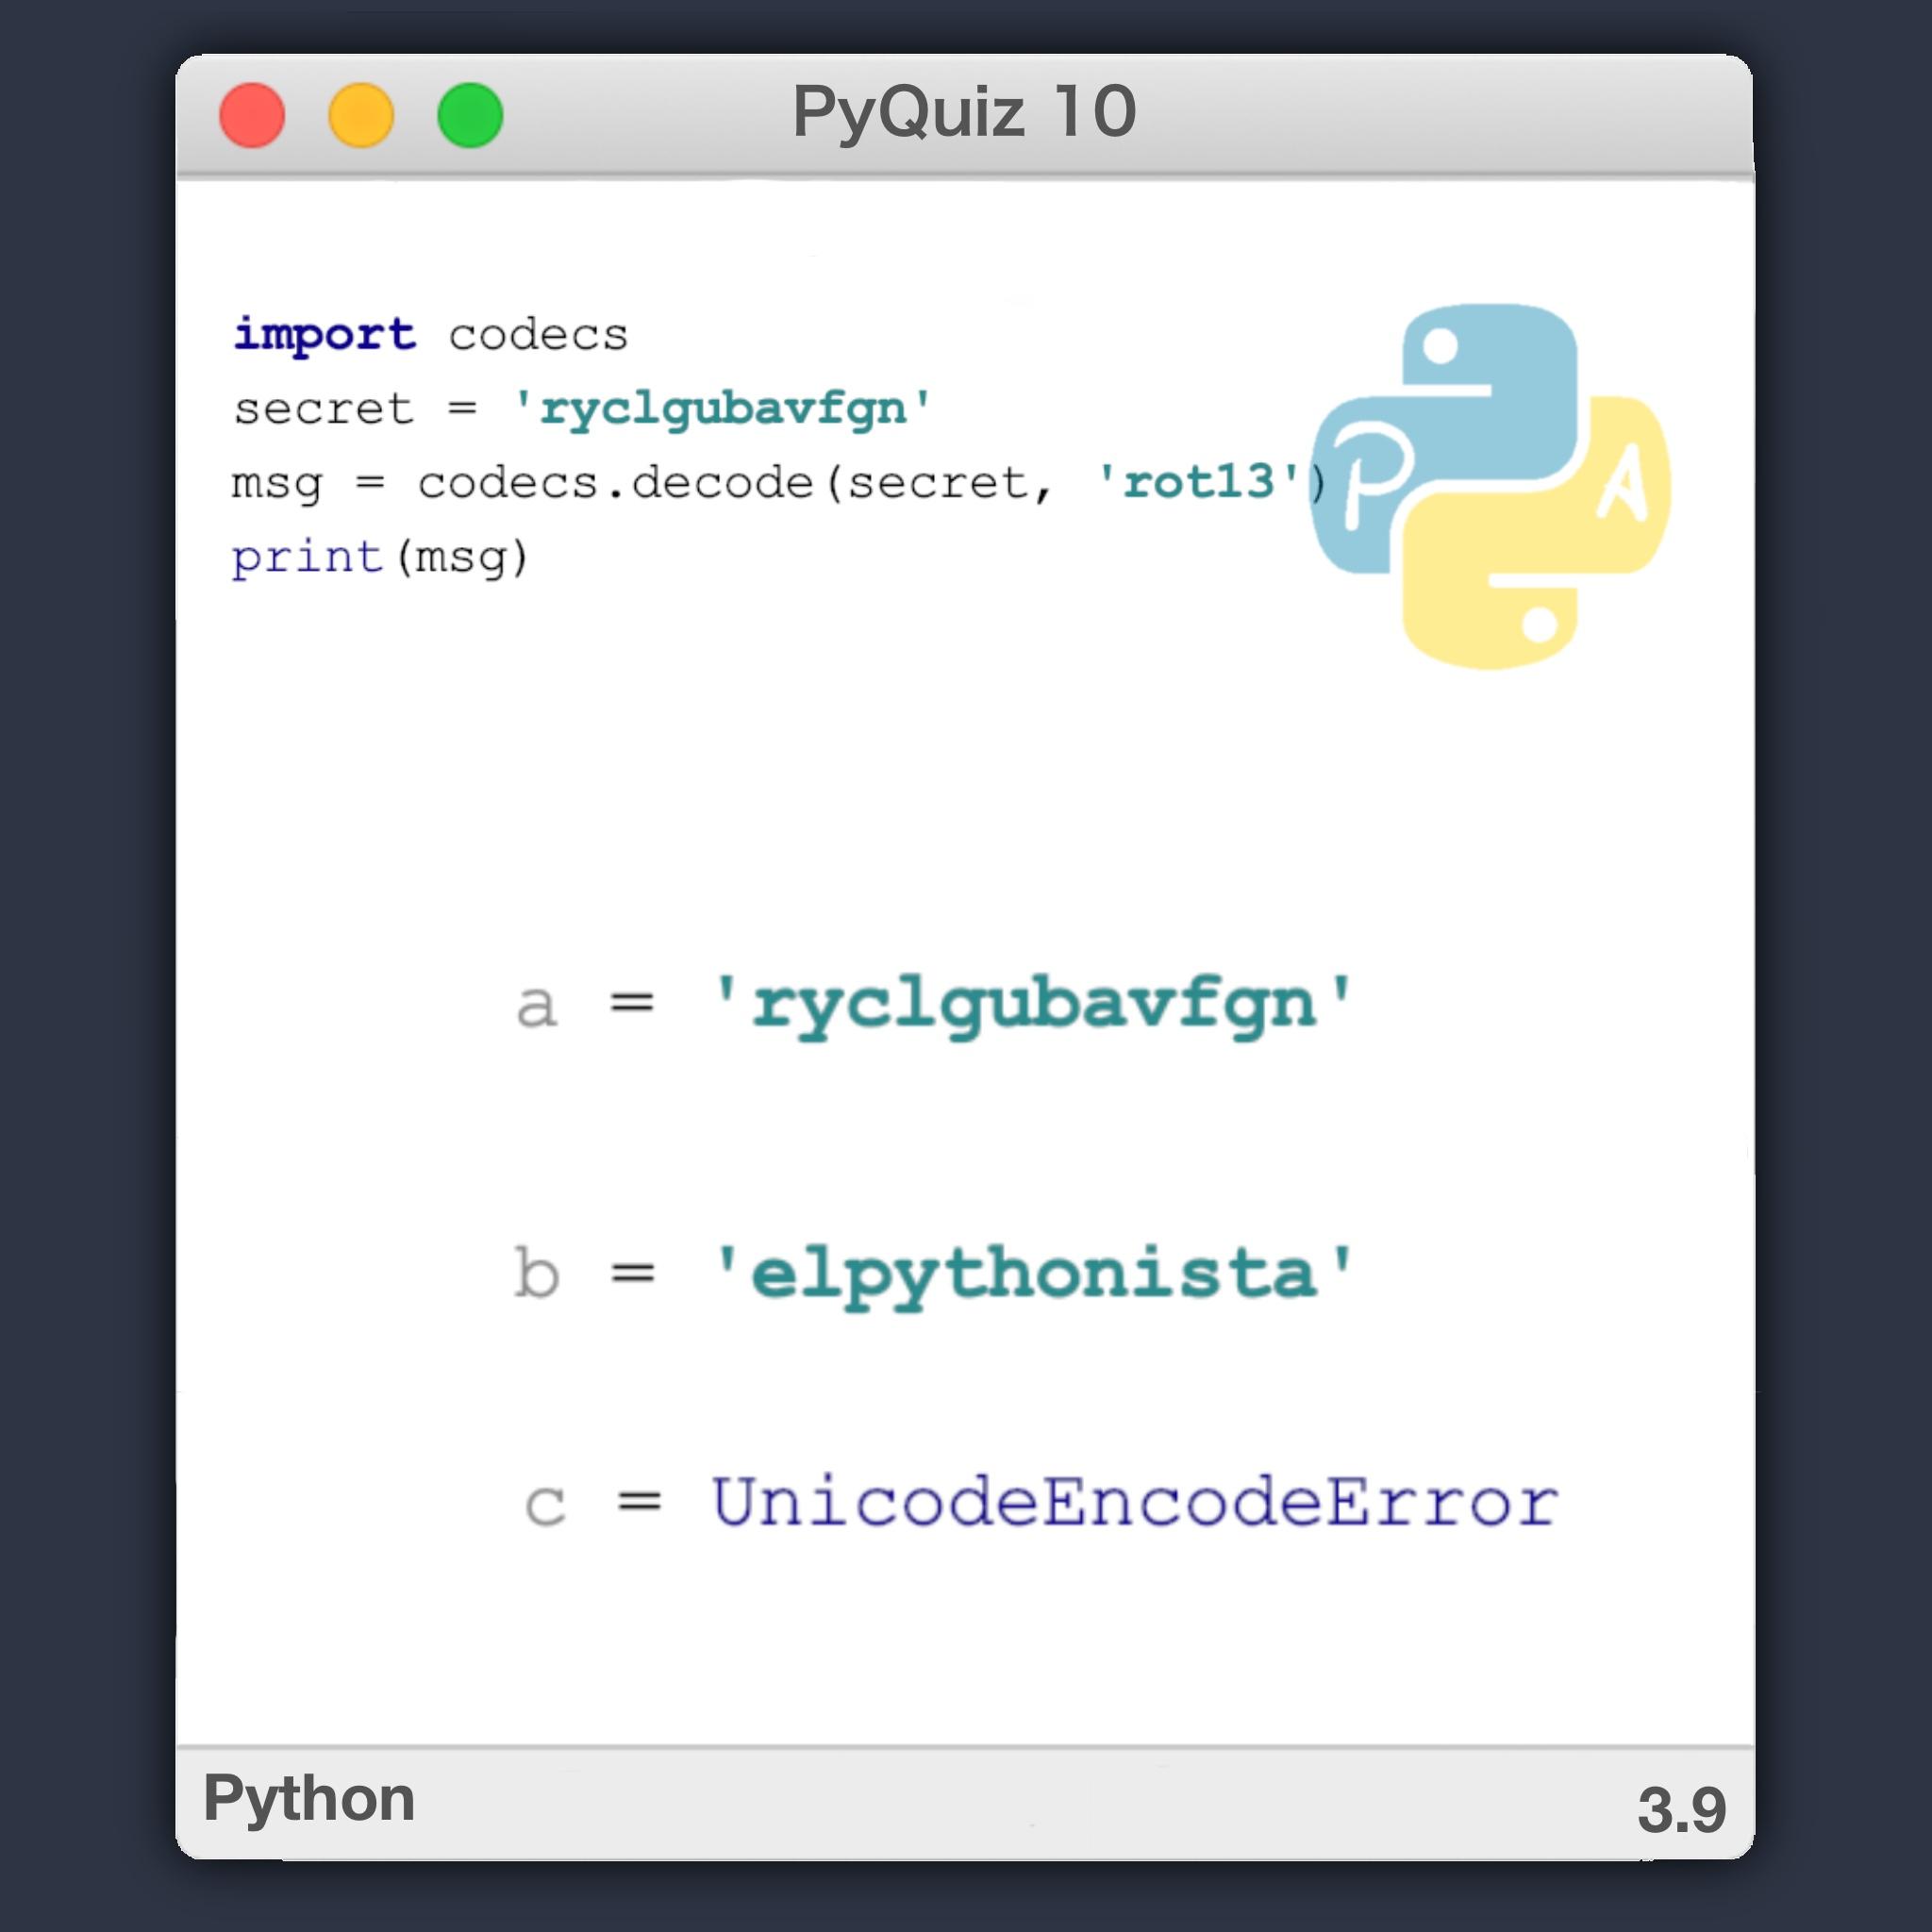 PyQuiz 10 - Cómo codificar en ROT13 en Python